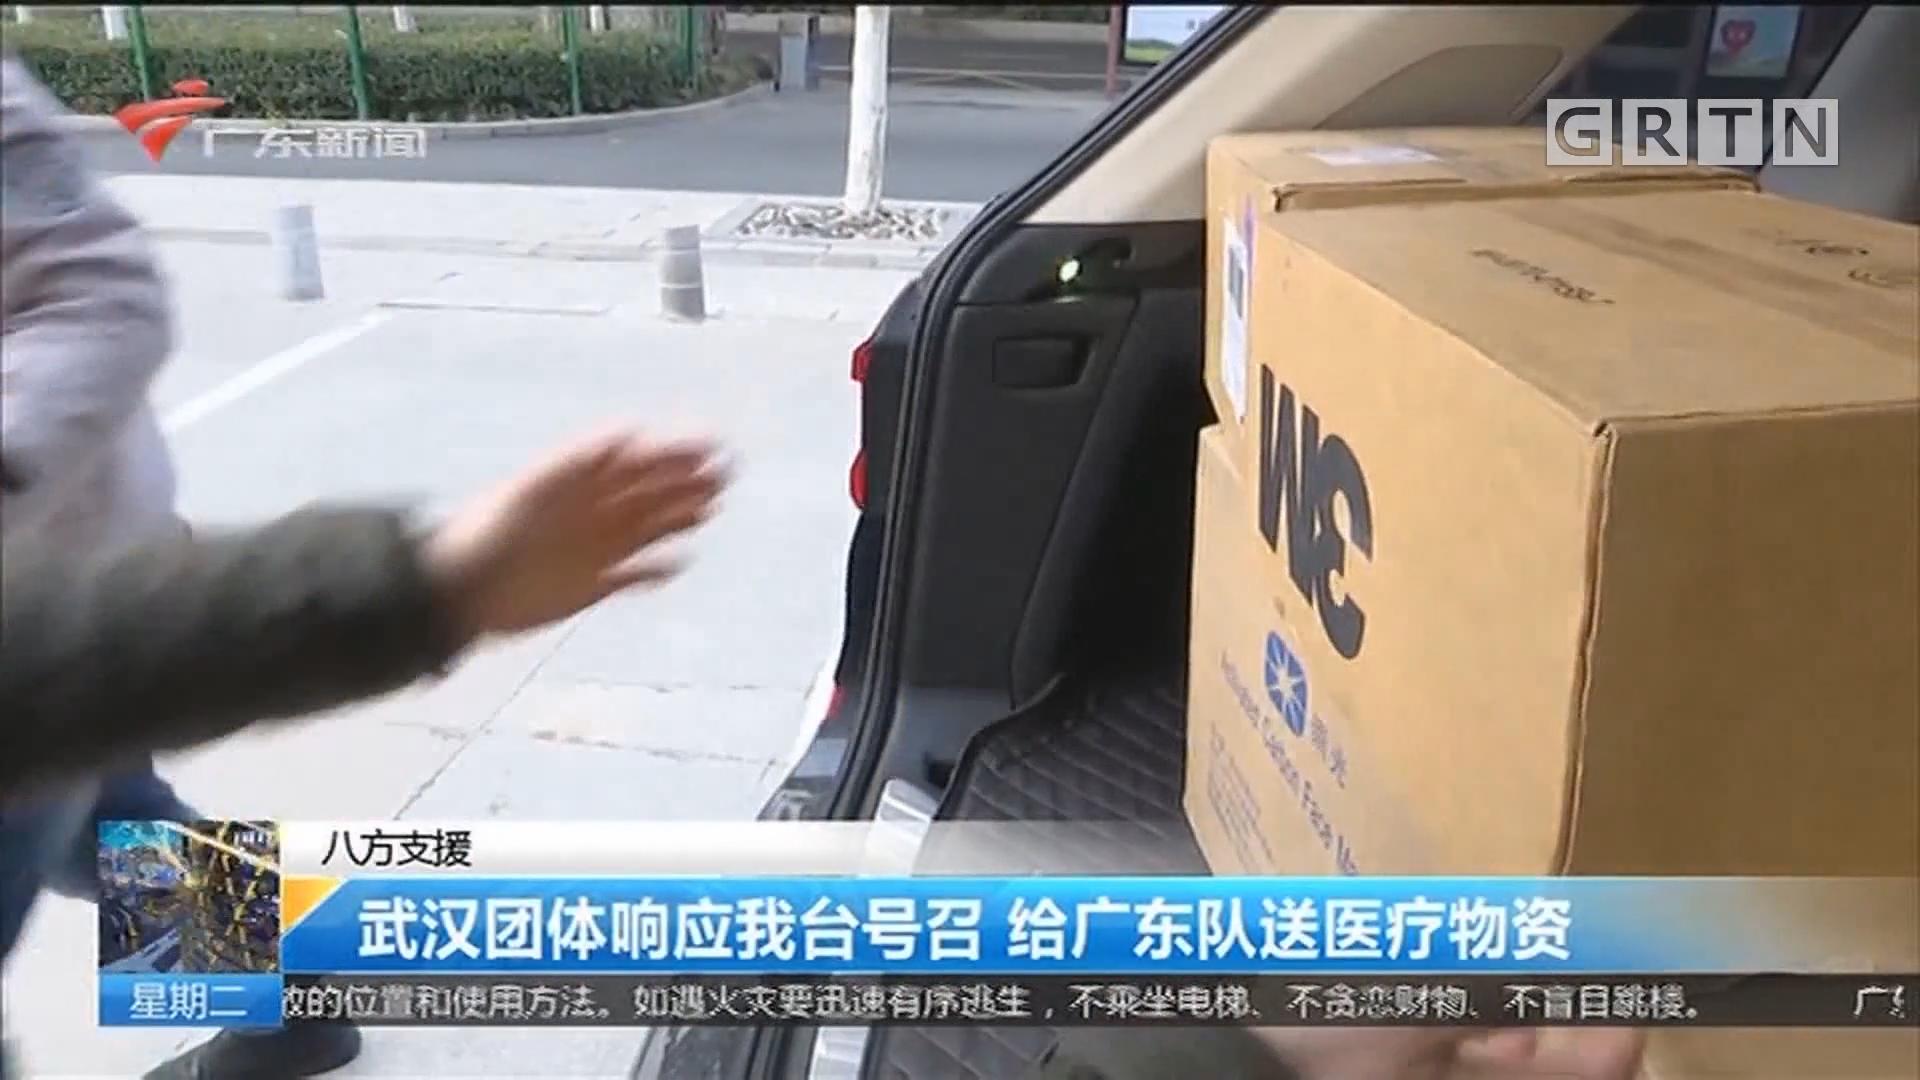 八方支援:武汉团体响应我台号召 给广东队送医疗物资